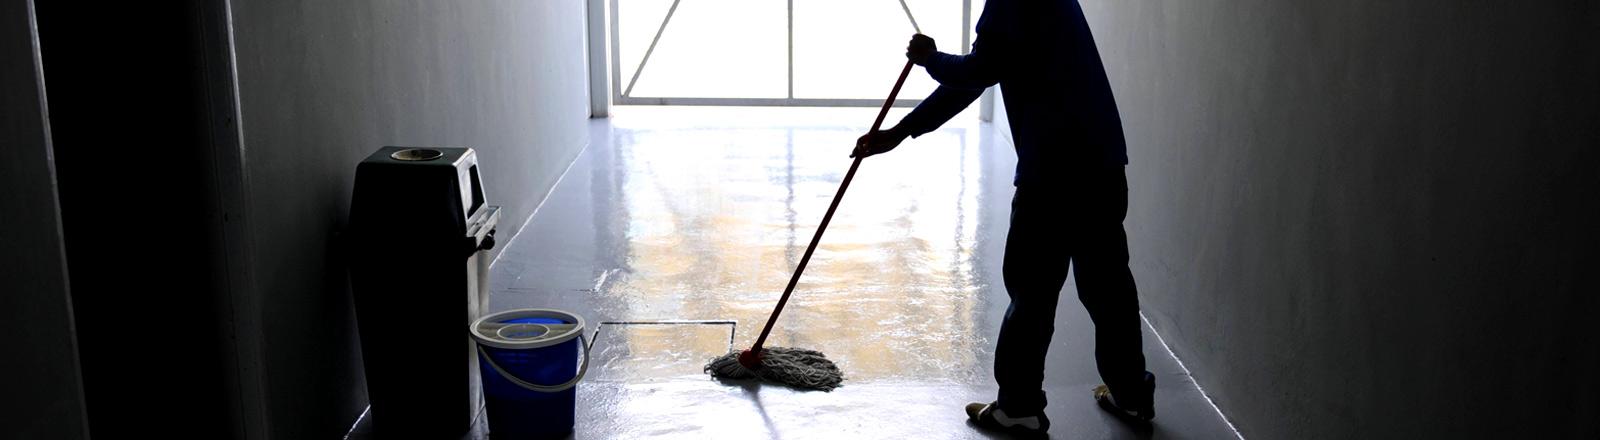 Ein Mann putzt im Schatten einen Hausflur